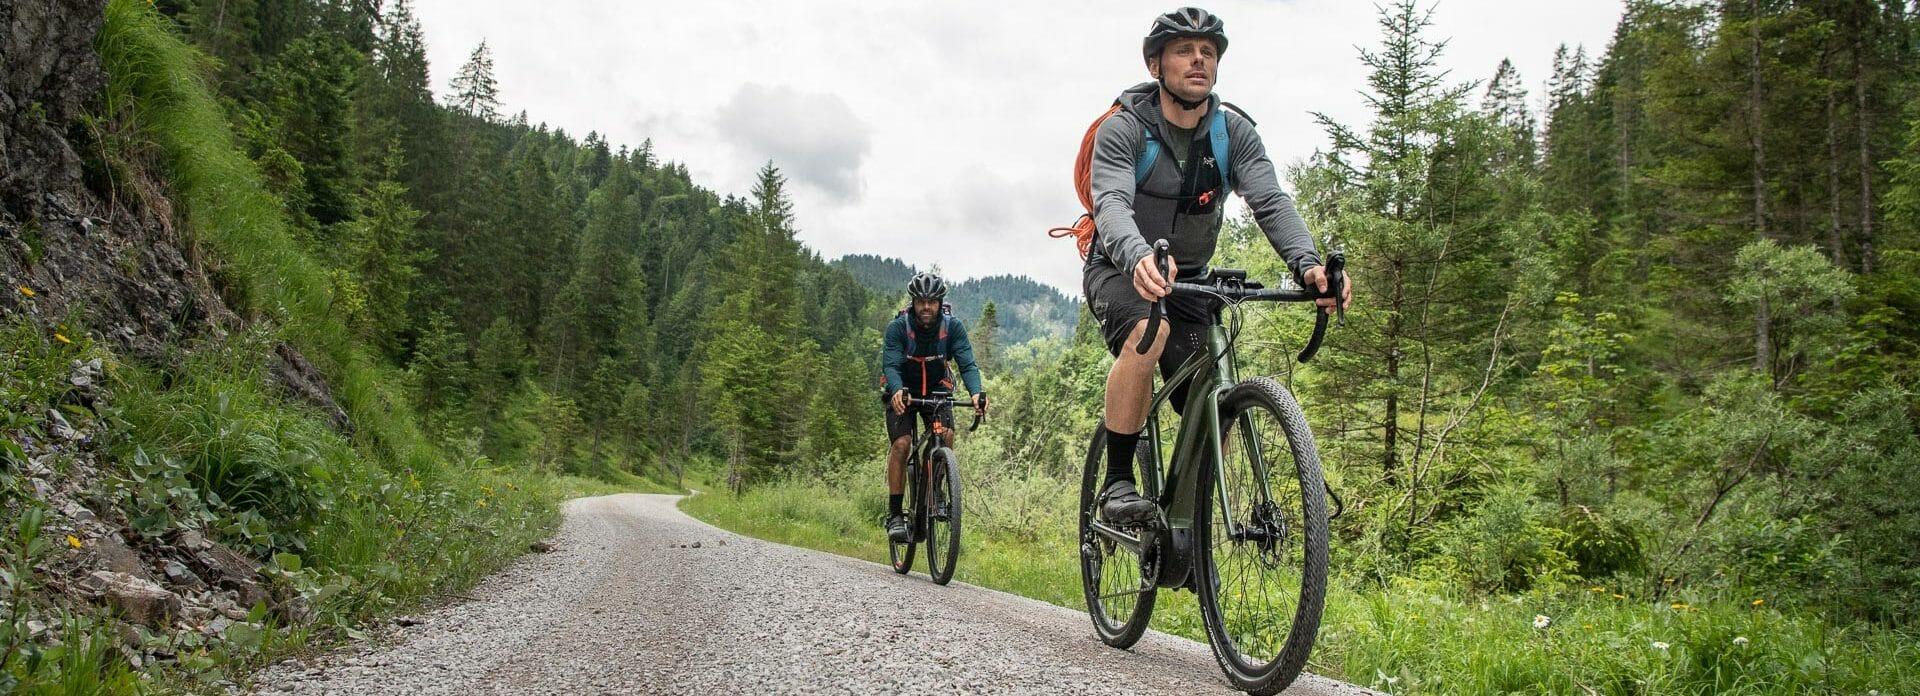 Männer auf Gravel e-Bike Giant Revolt